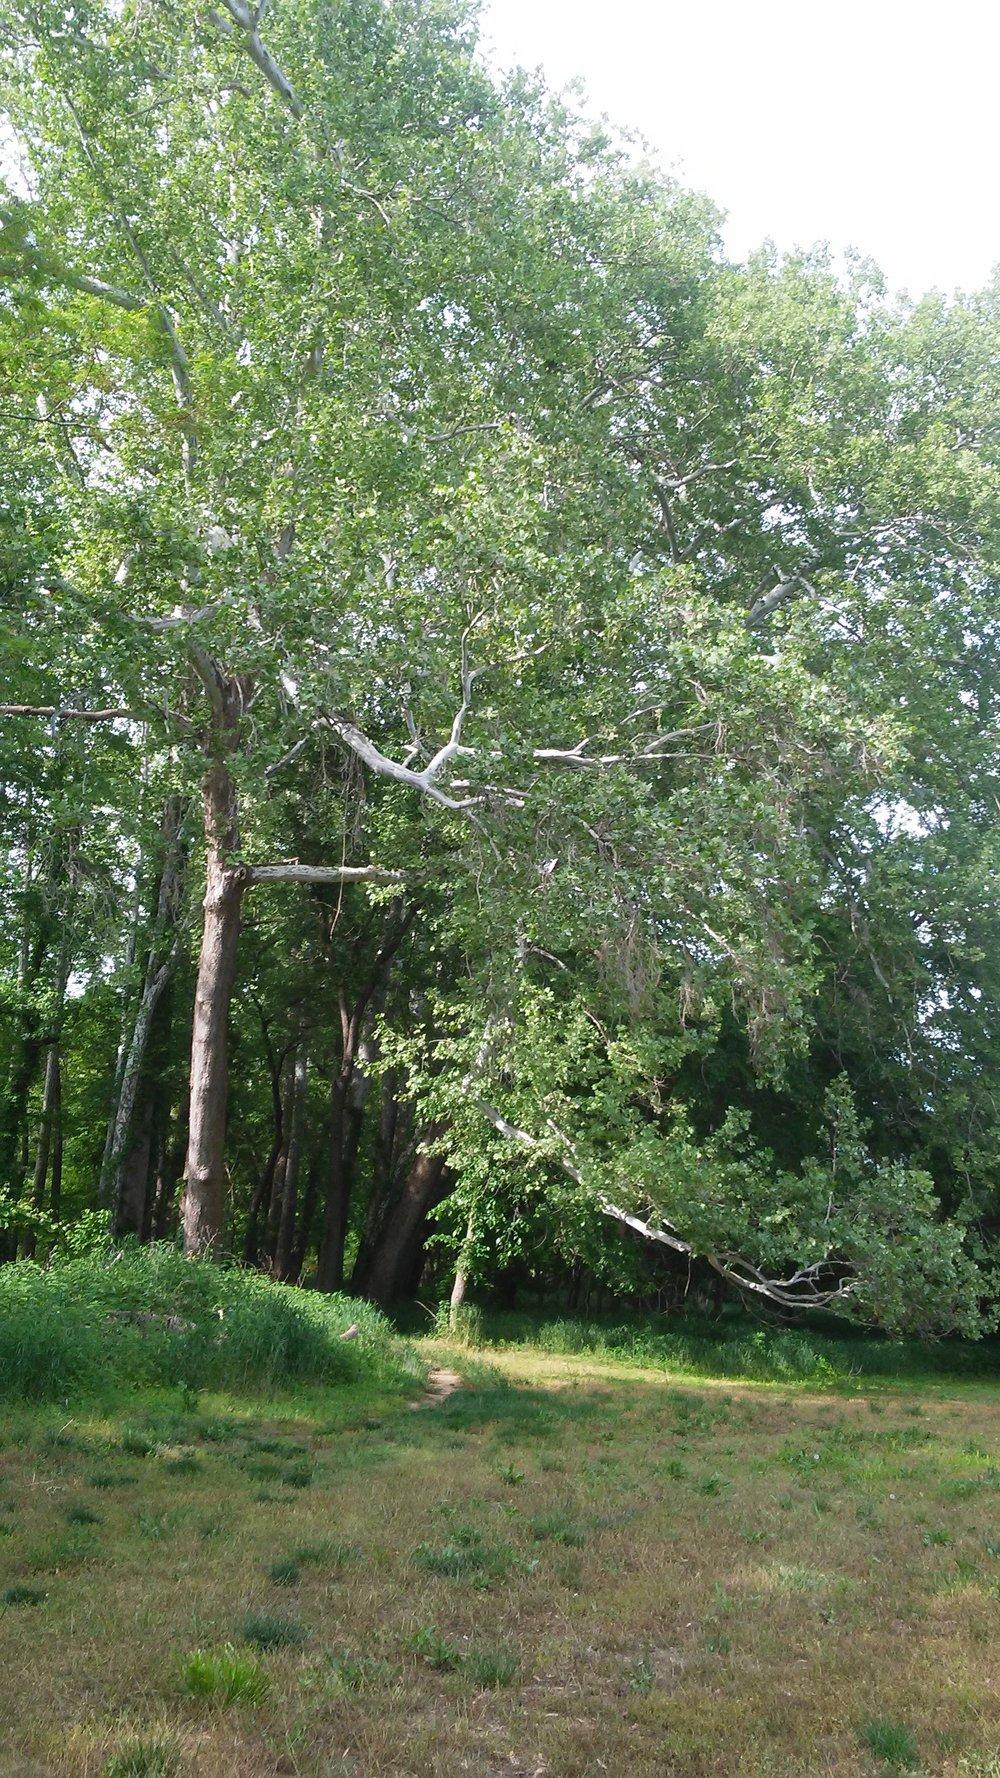 Determined birch tree